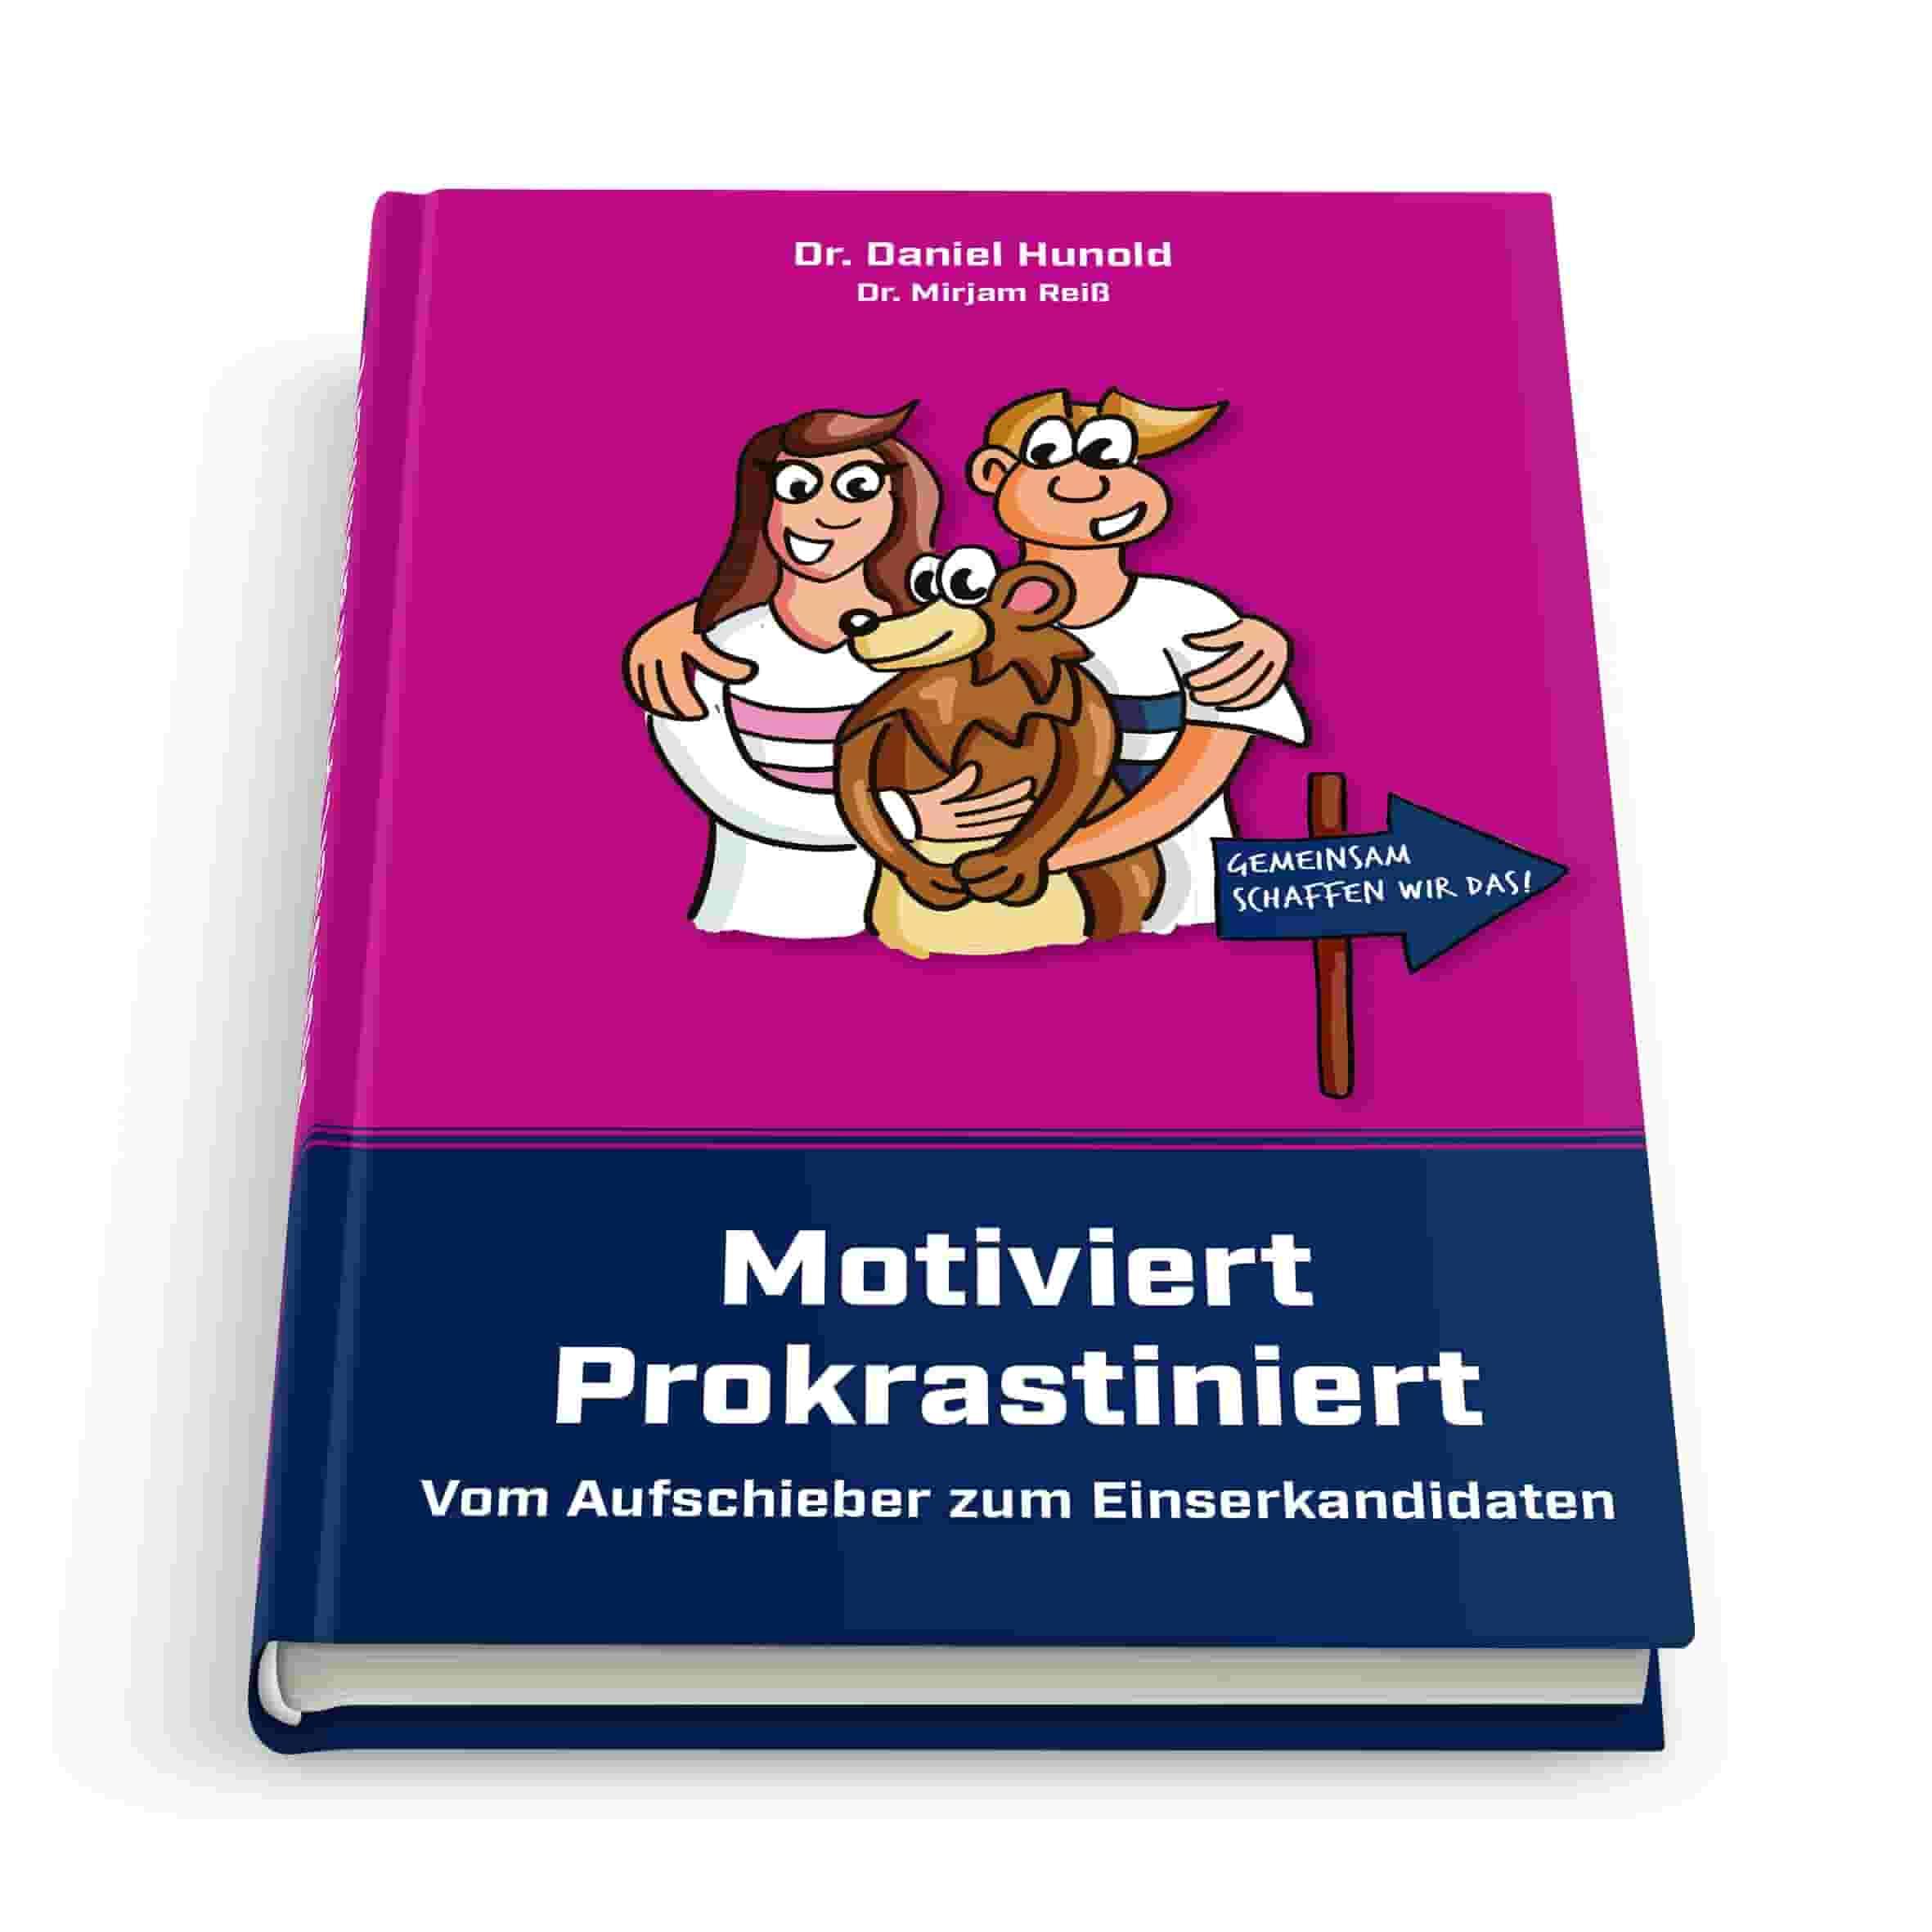 Das Bild das Buch Motiviert Prokrastiniert - vom Aufschieber zum Einserkandidaten